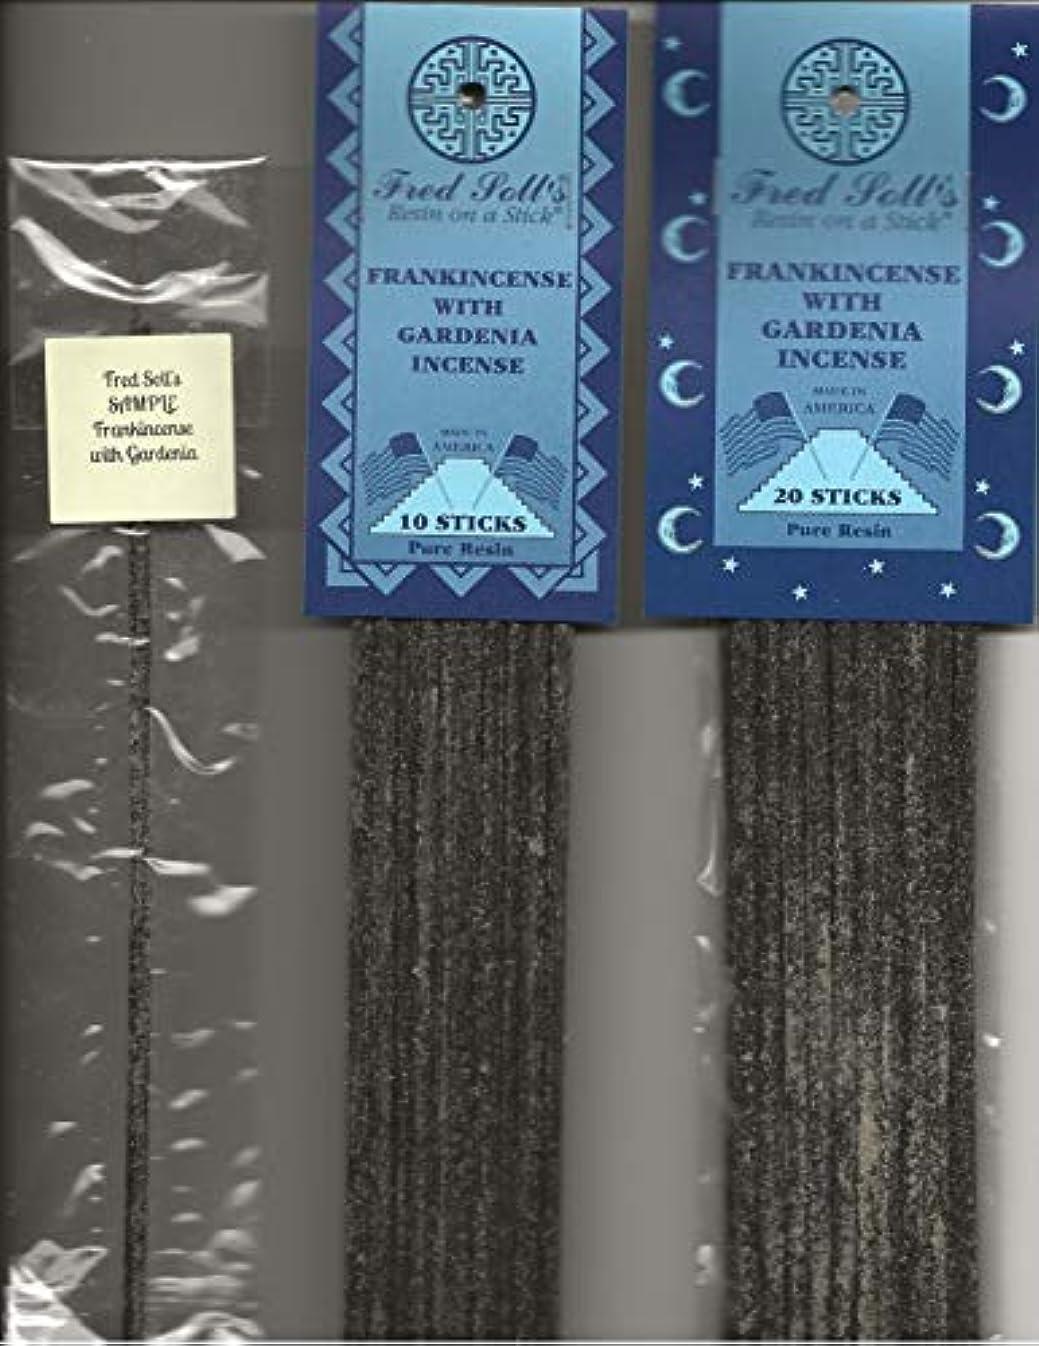 乱闘ベアリングブラストFRED SOLL'S 樹脂製スティック付きフランキンセンス クチナシのお香付き